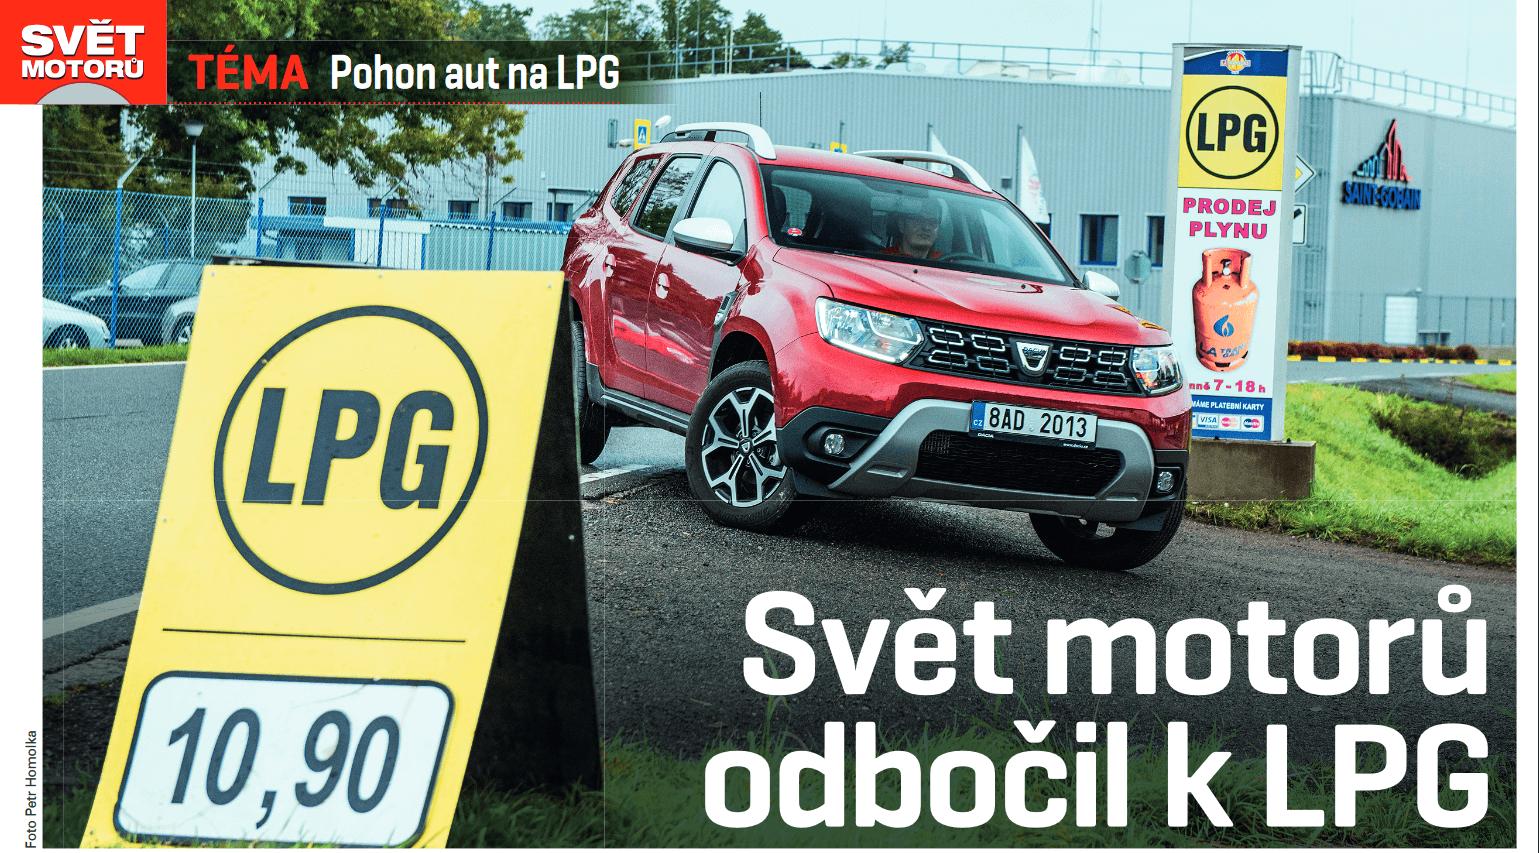 Dacia Duster na LPG a nízká cena LPG